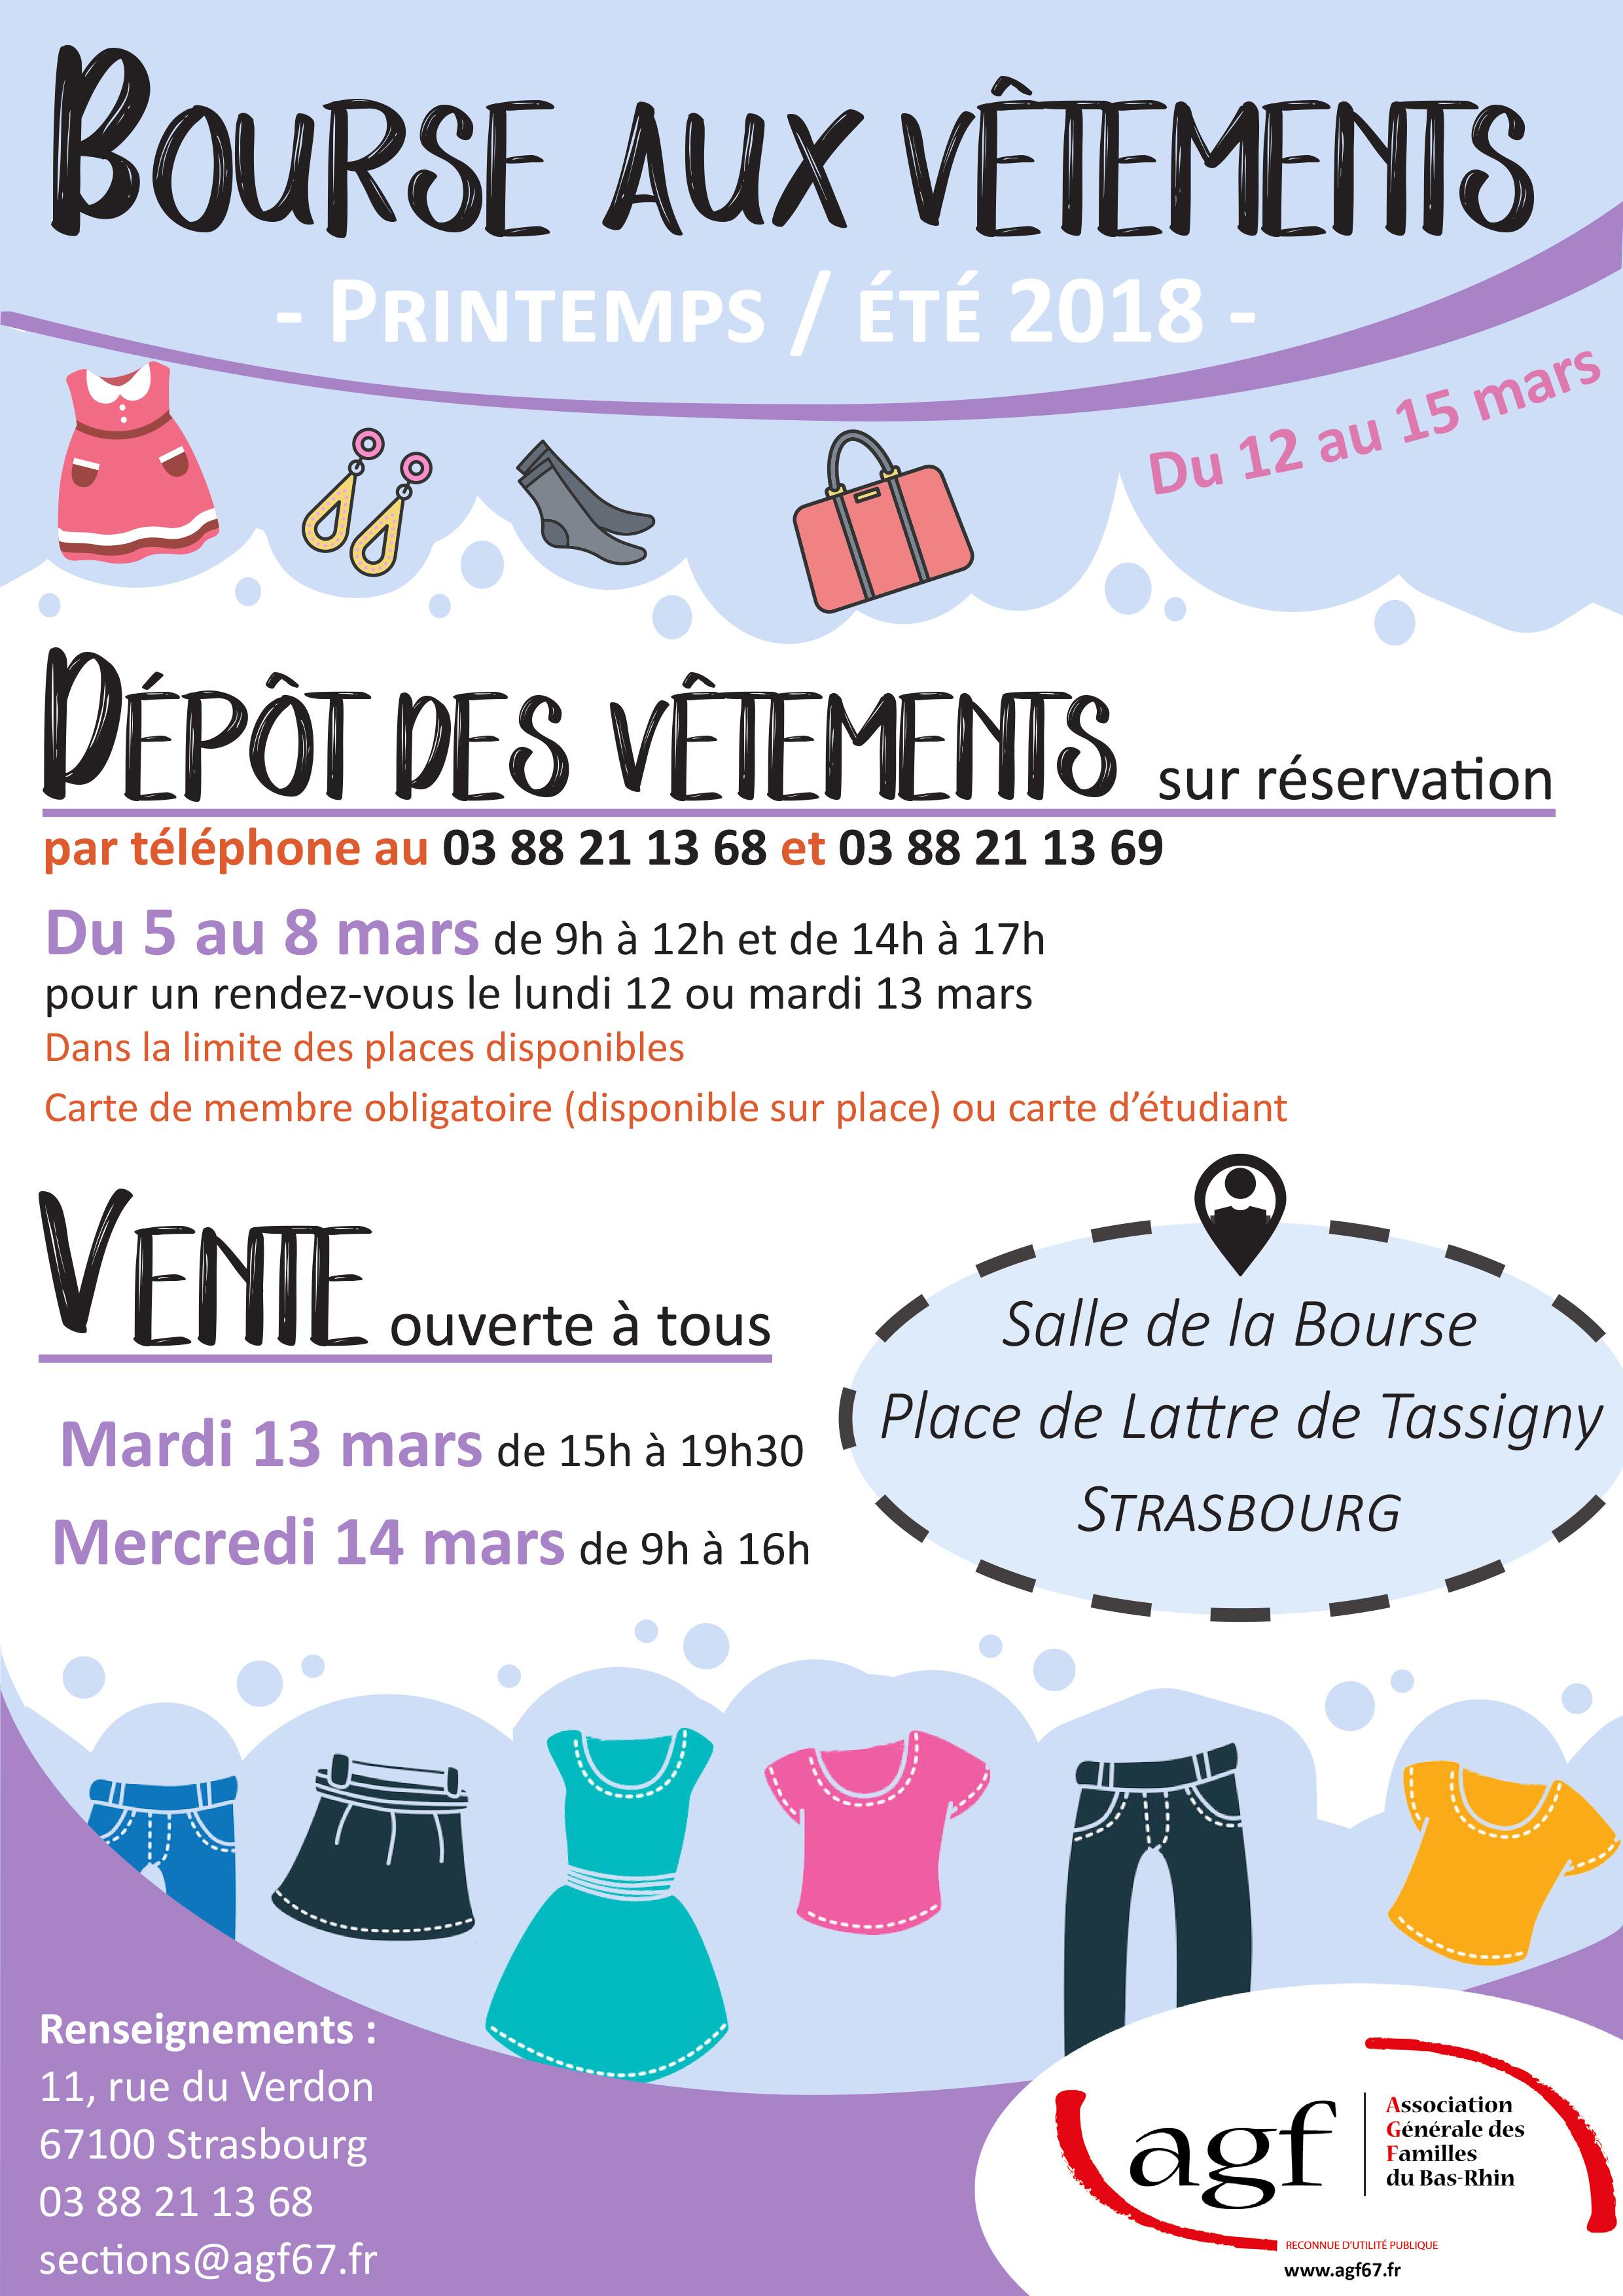 Bourse aux vêtements printemps-été à Strasbourg